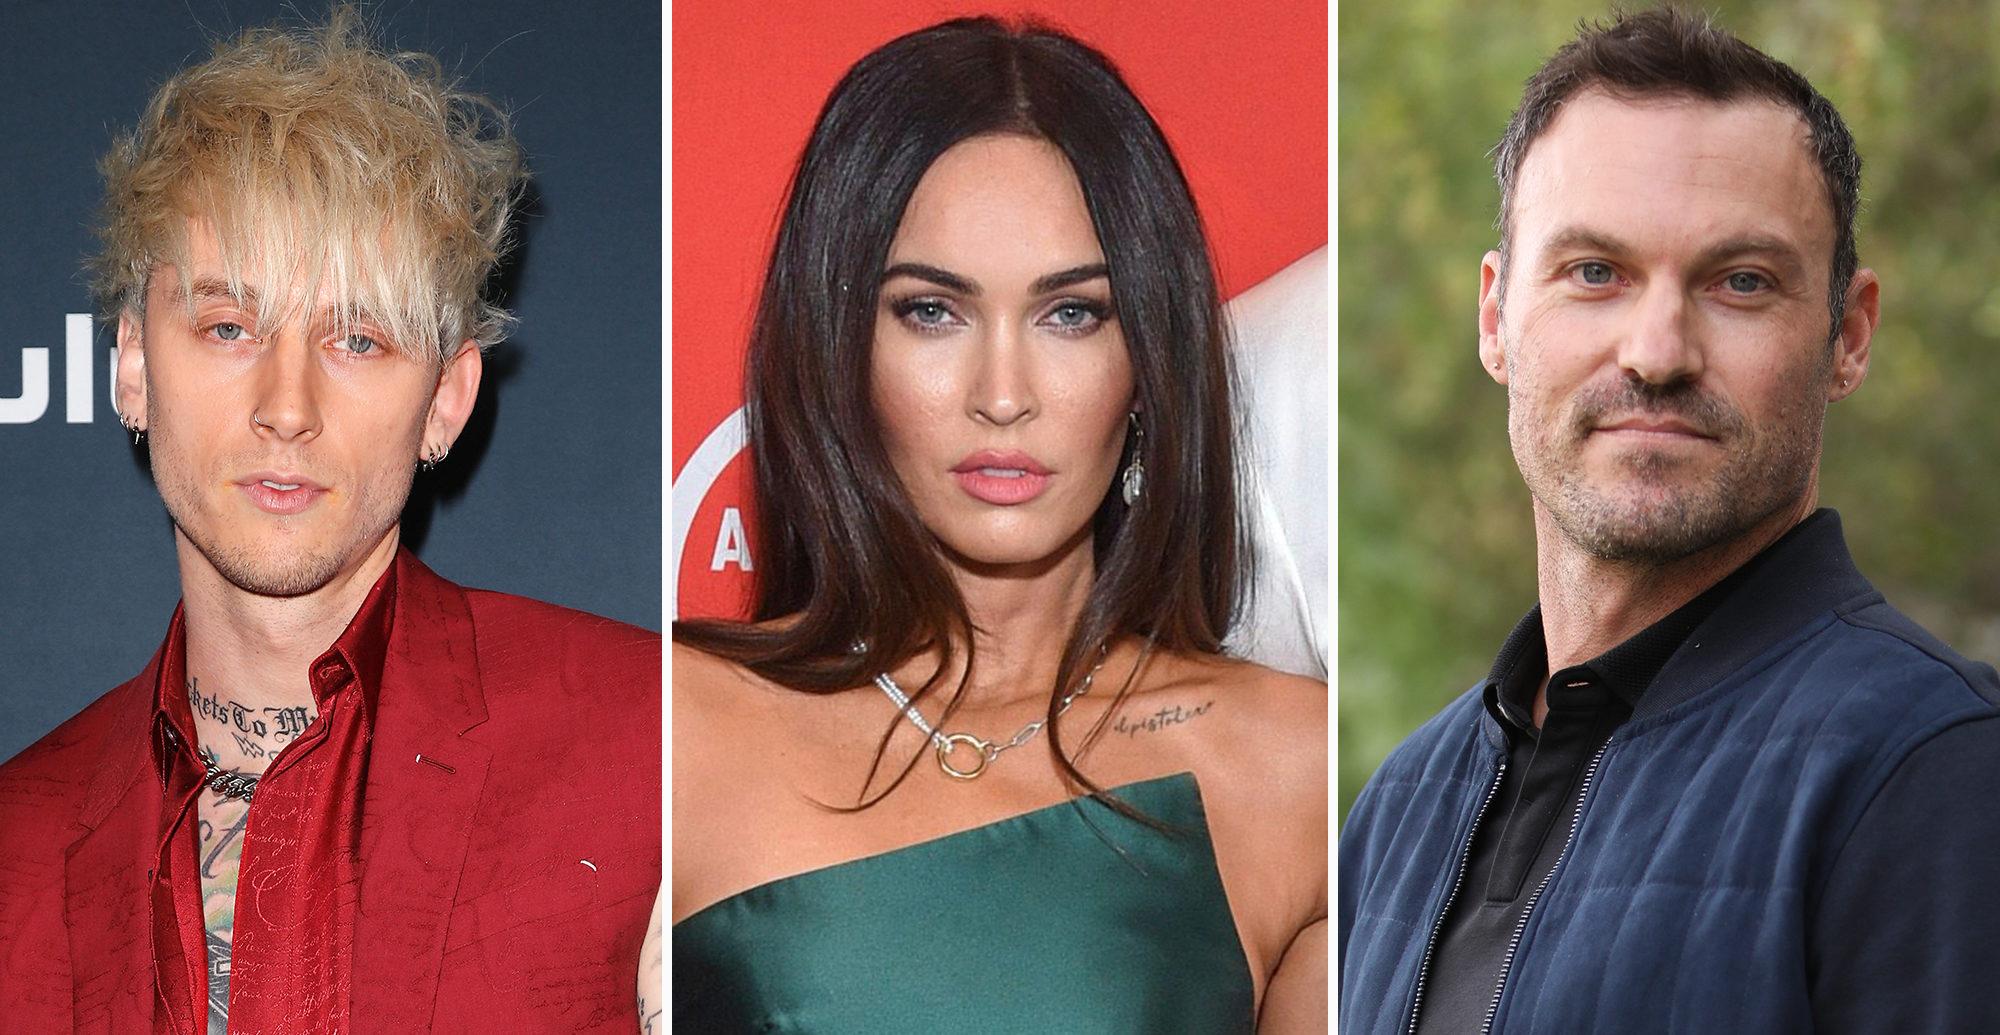 Pak kohë pas ndarjes nga ish-bashkëshorti, Megan Fox fejohet me të dashurin e ri